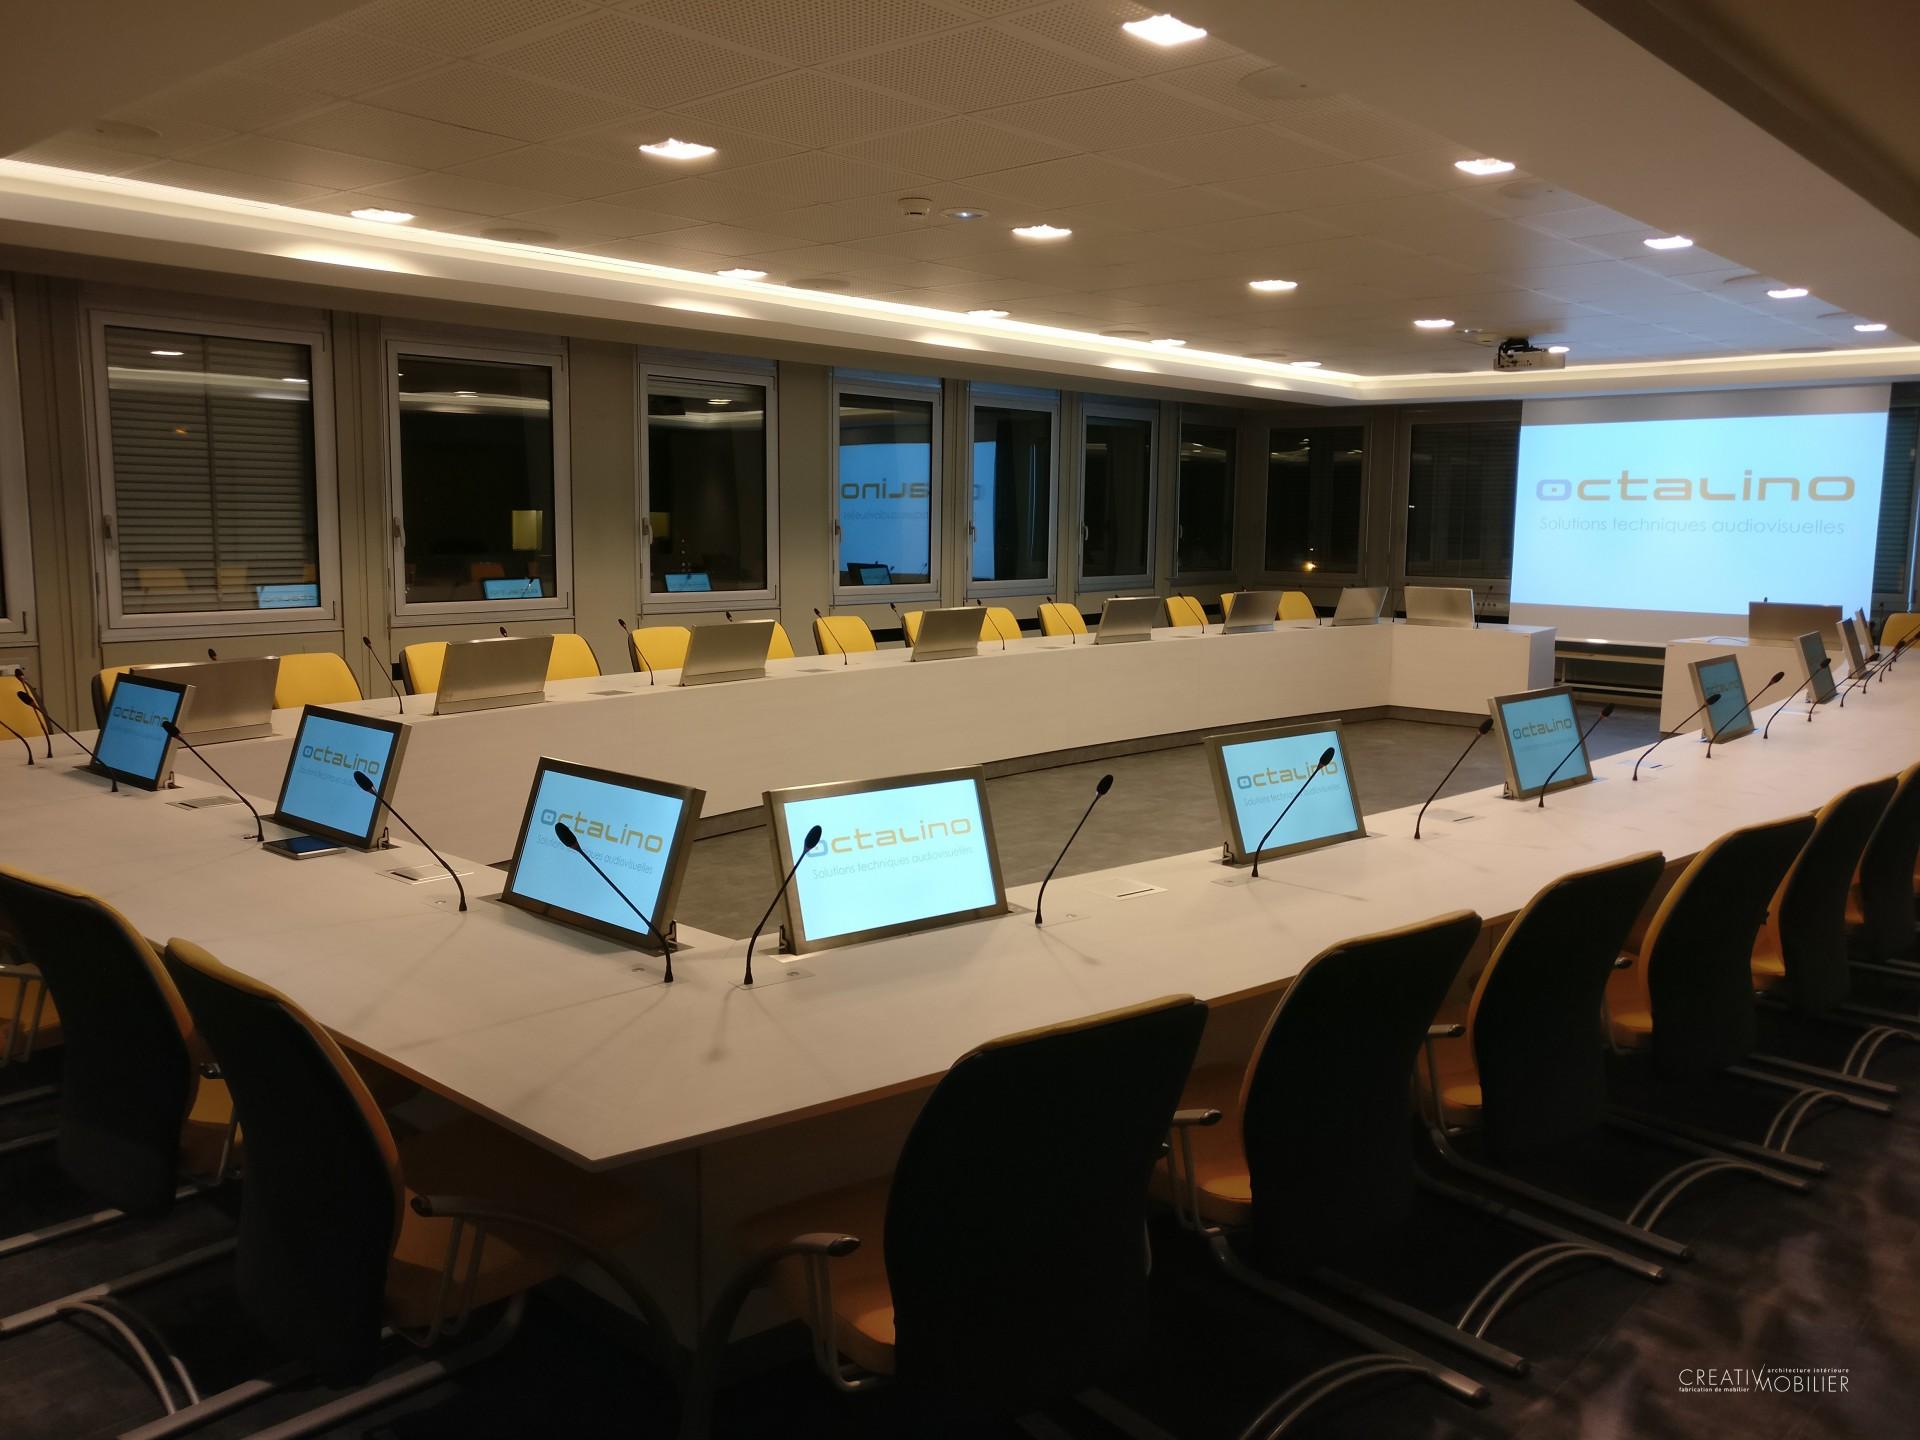 Table de réunion avec écran et micro intégrés